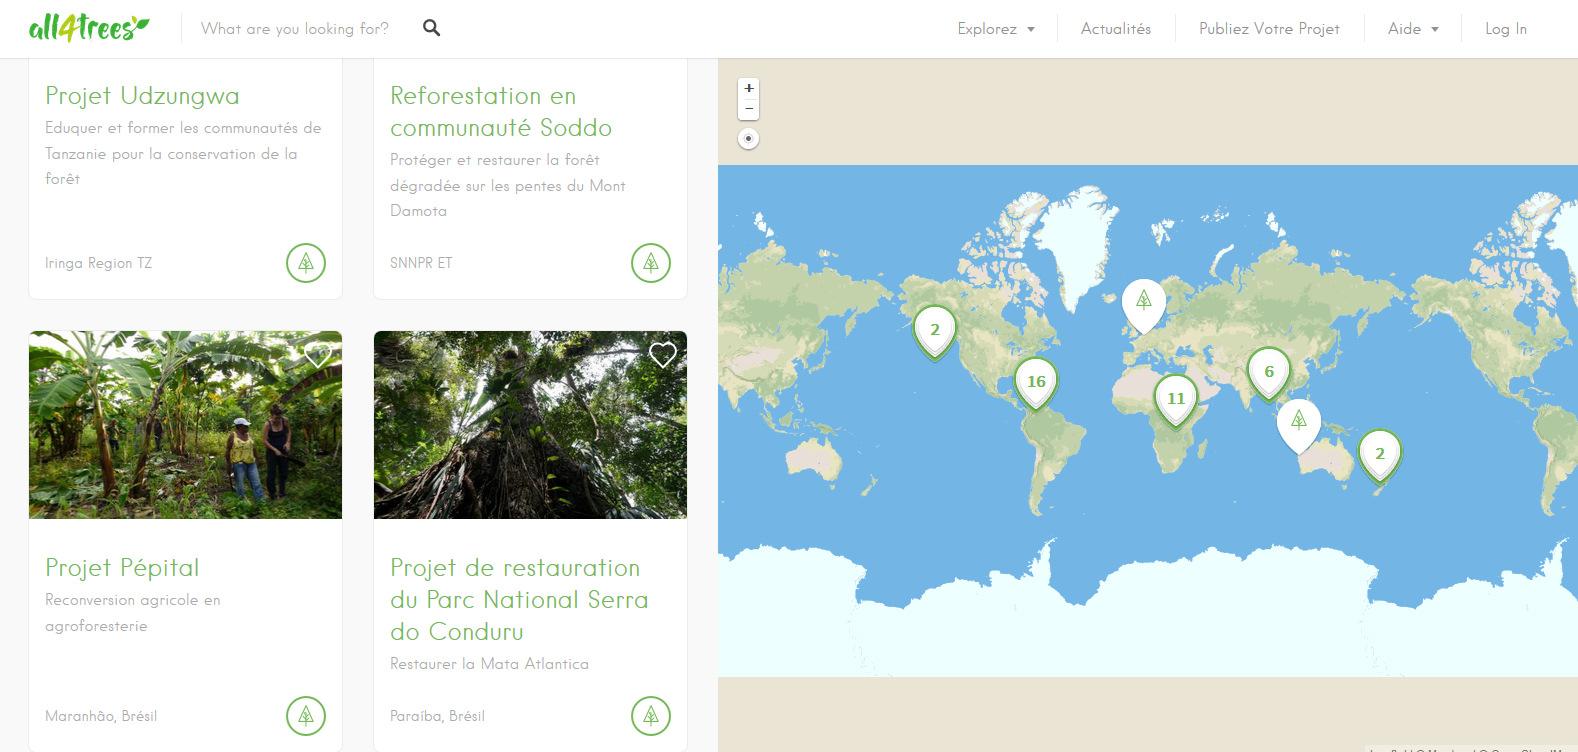 plateforme projets reforestation agroforesterie